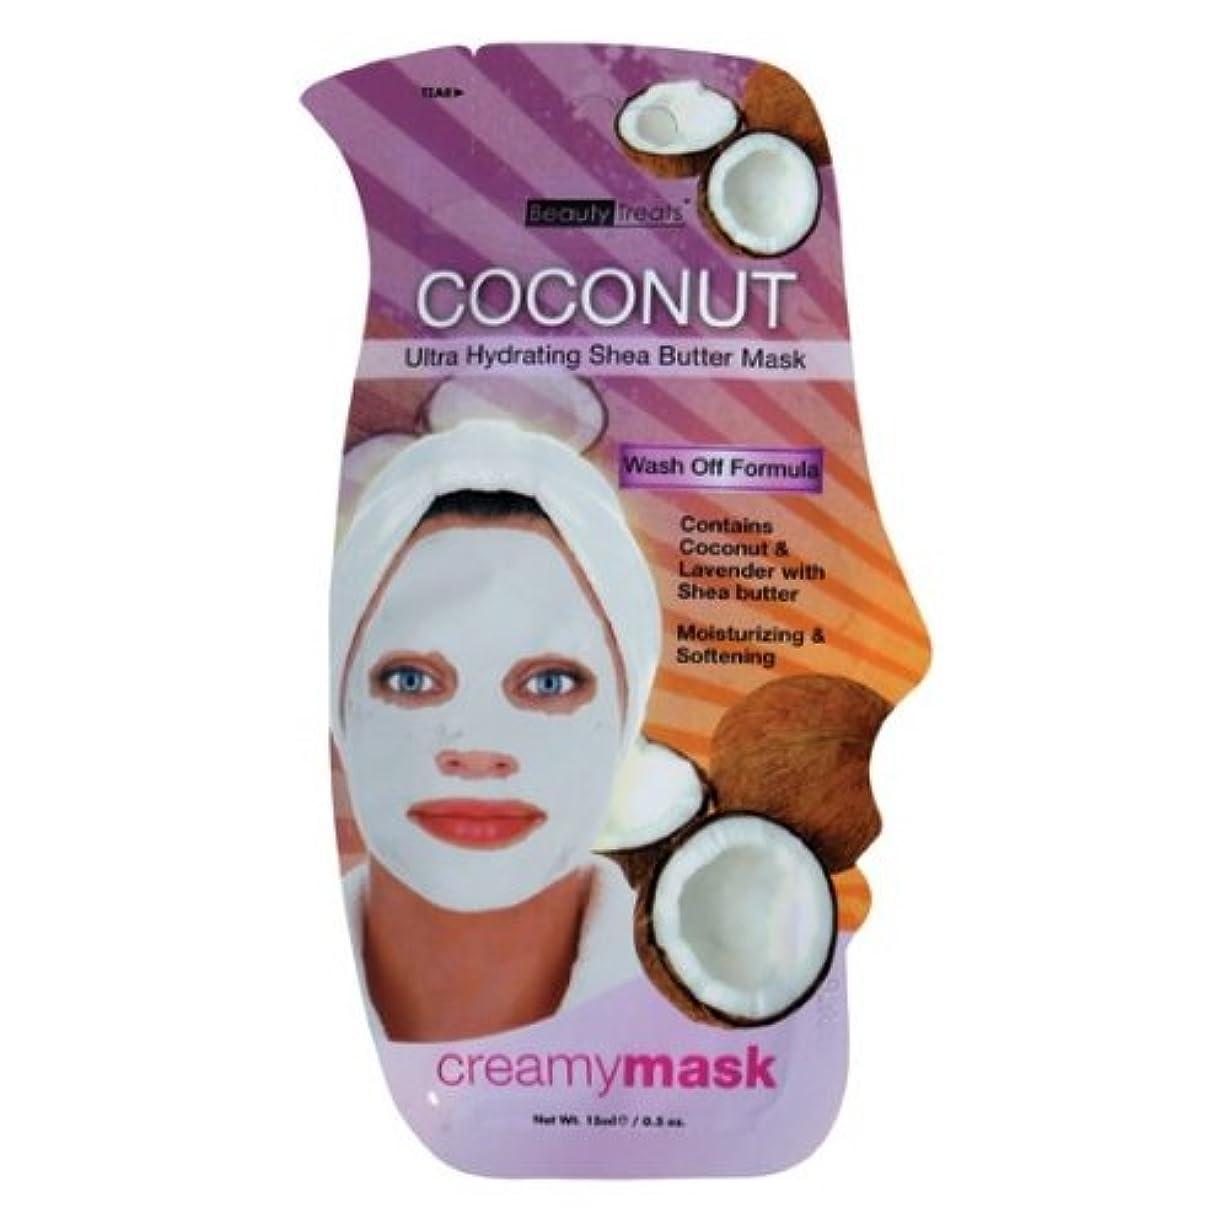 競う実行するママ(3 Pack) BEAUTY TREATS Coconut Ultra Hydrating Shea Butter Mask - Coconut (並行輸入品)